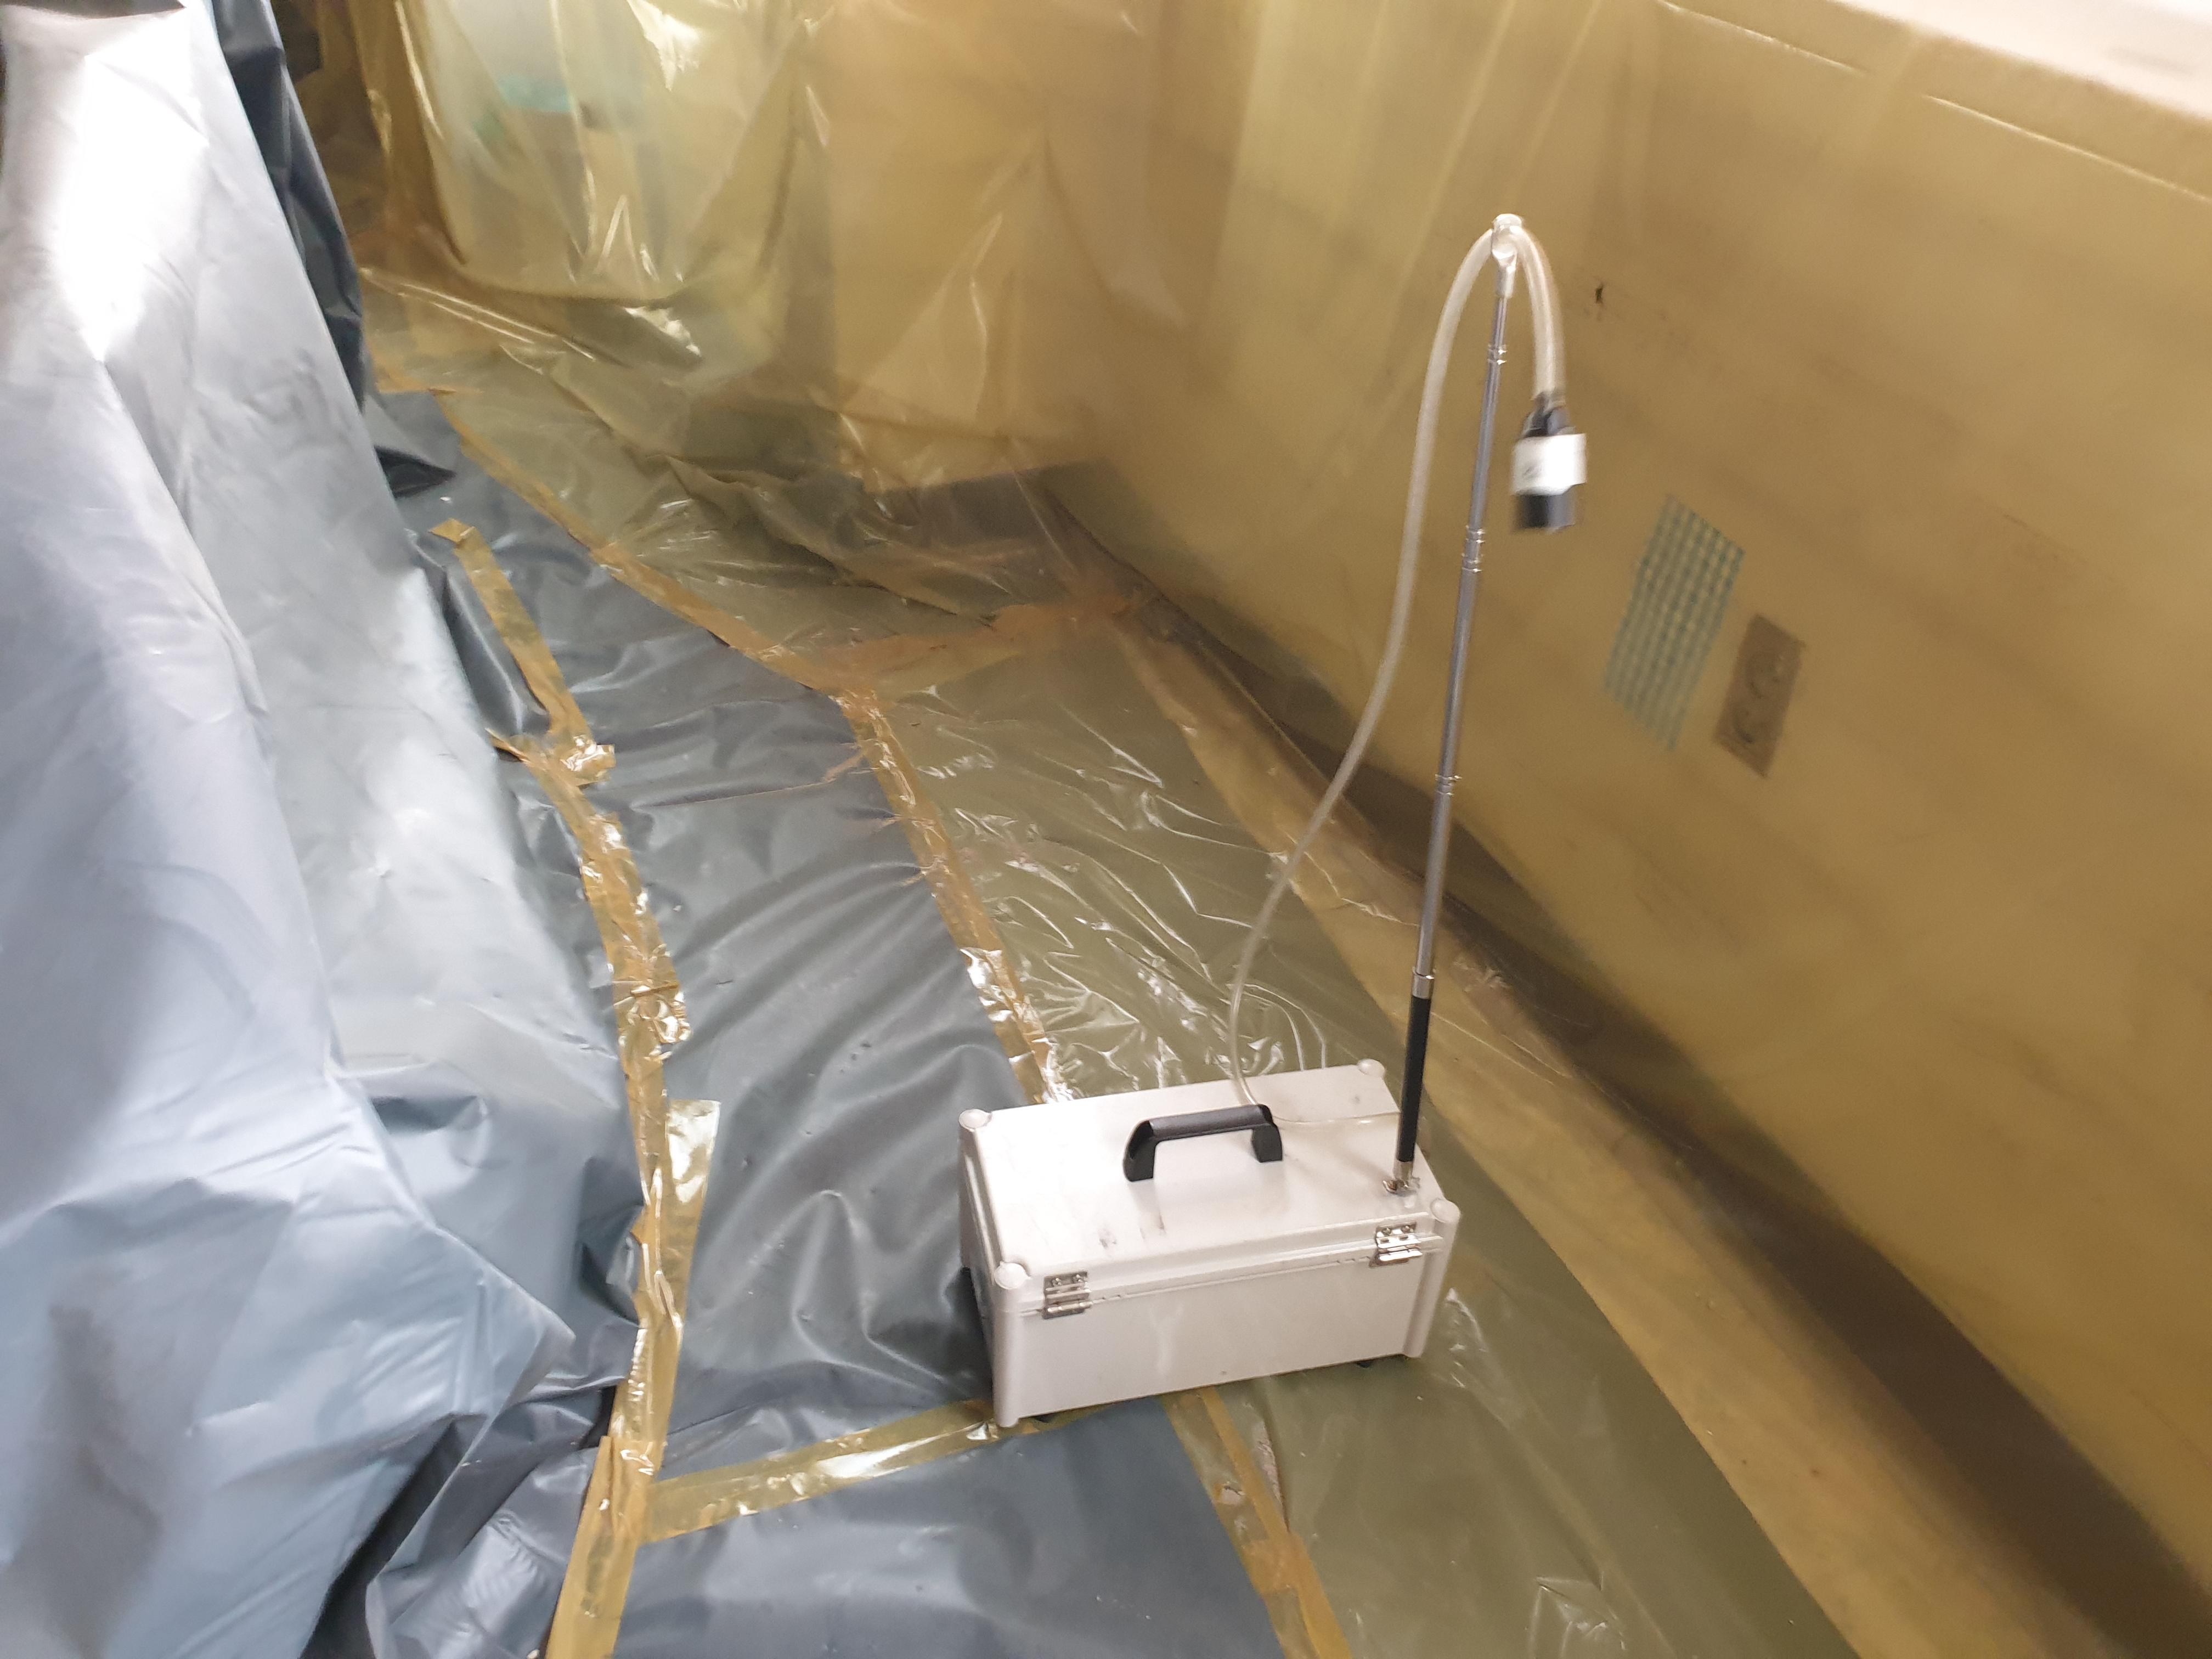 3 번째 사진 제2종 근린생활시설 에  연면적394.34 ㎡ 공기중 석면농도측정 창원시 의창구